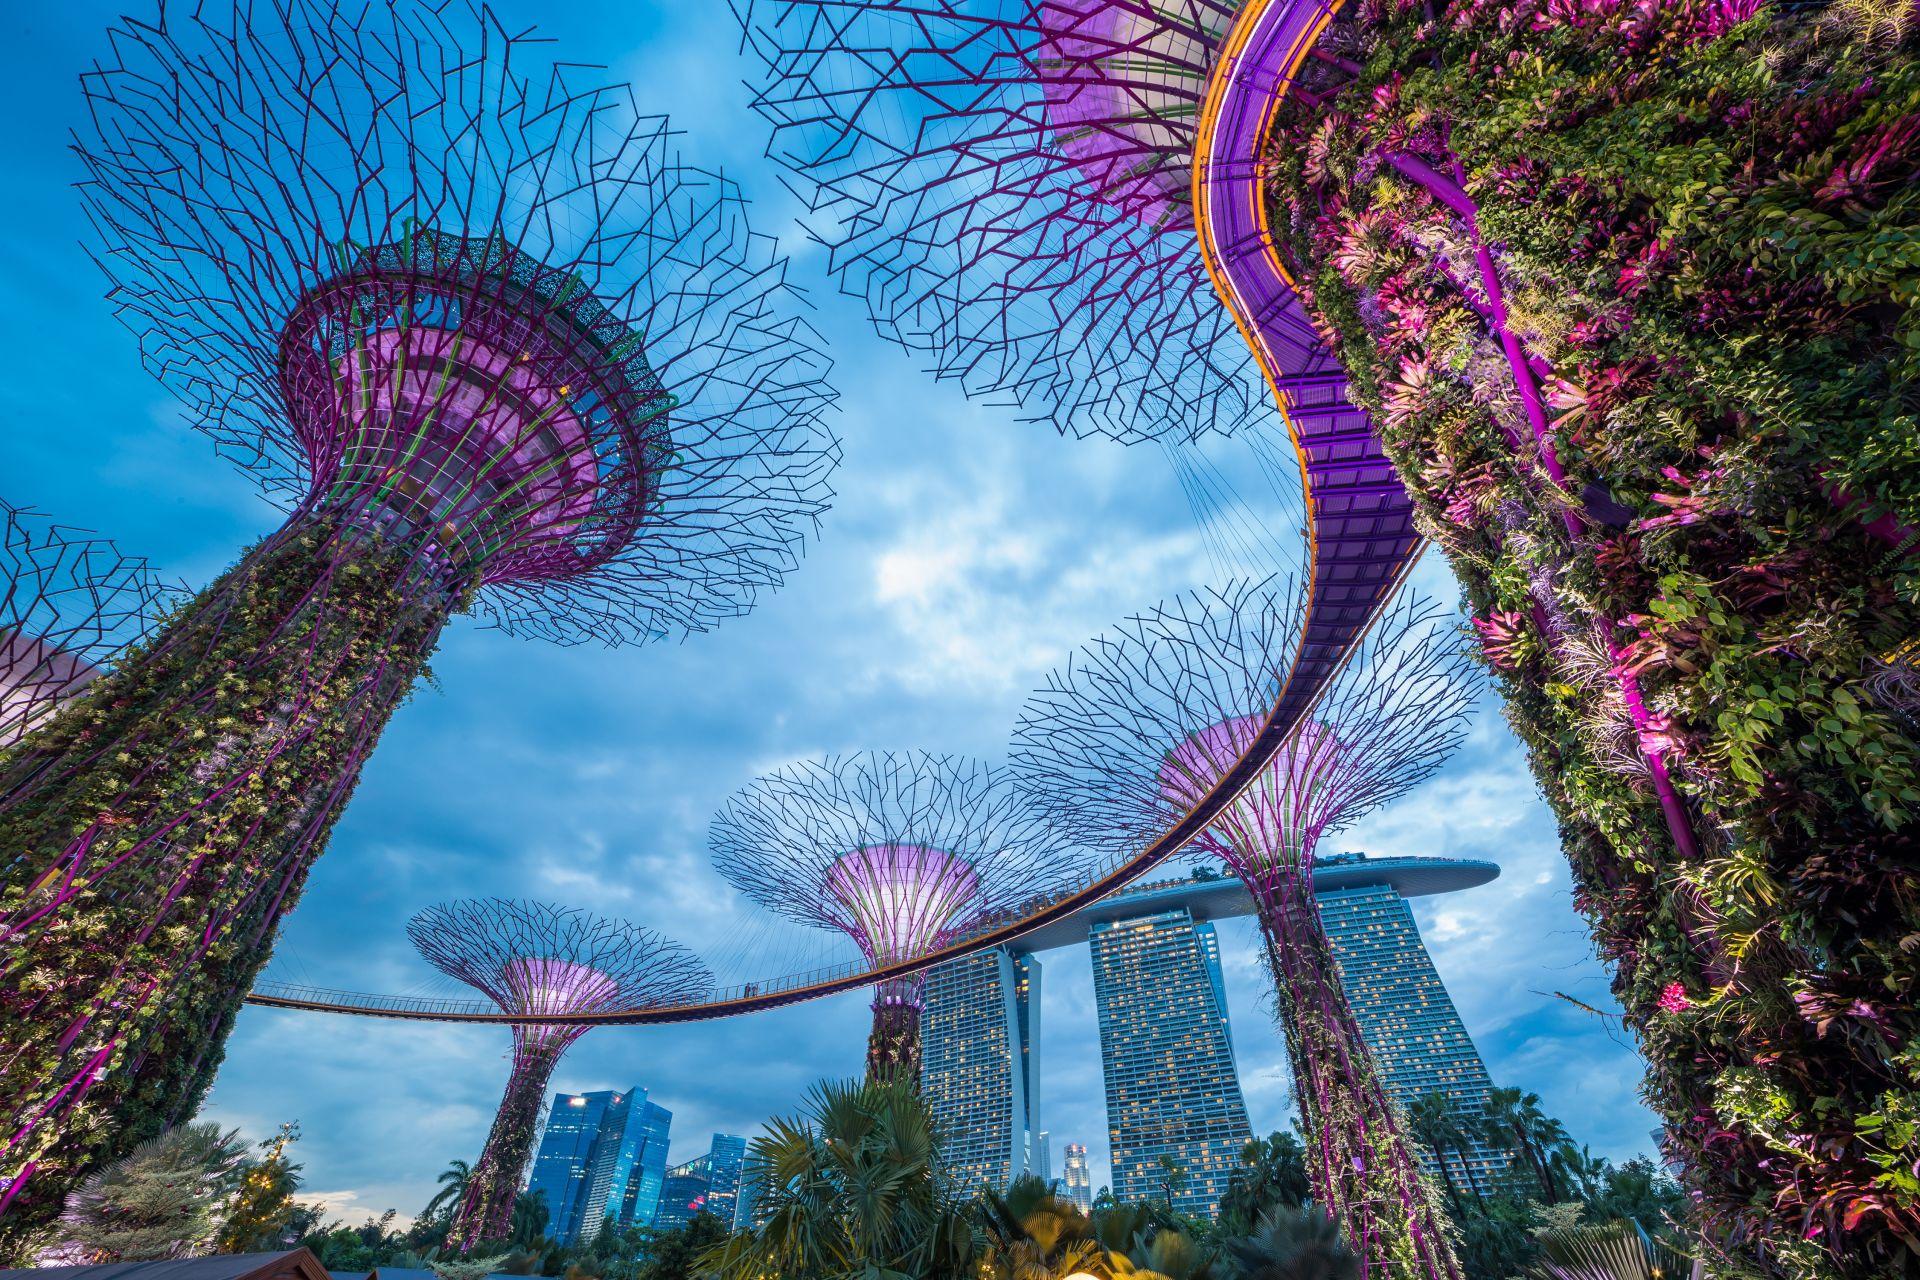 4. Сингапур е високоразвита страна с търговска икономика и ниски данъци, в която важна роля играят международните корпорации